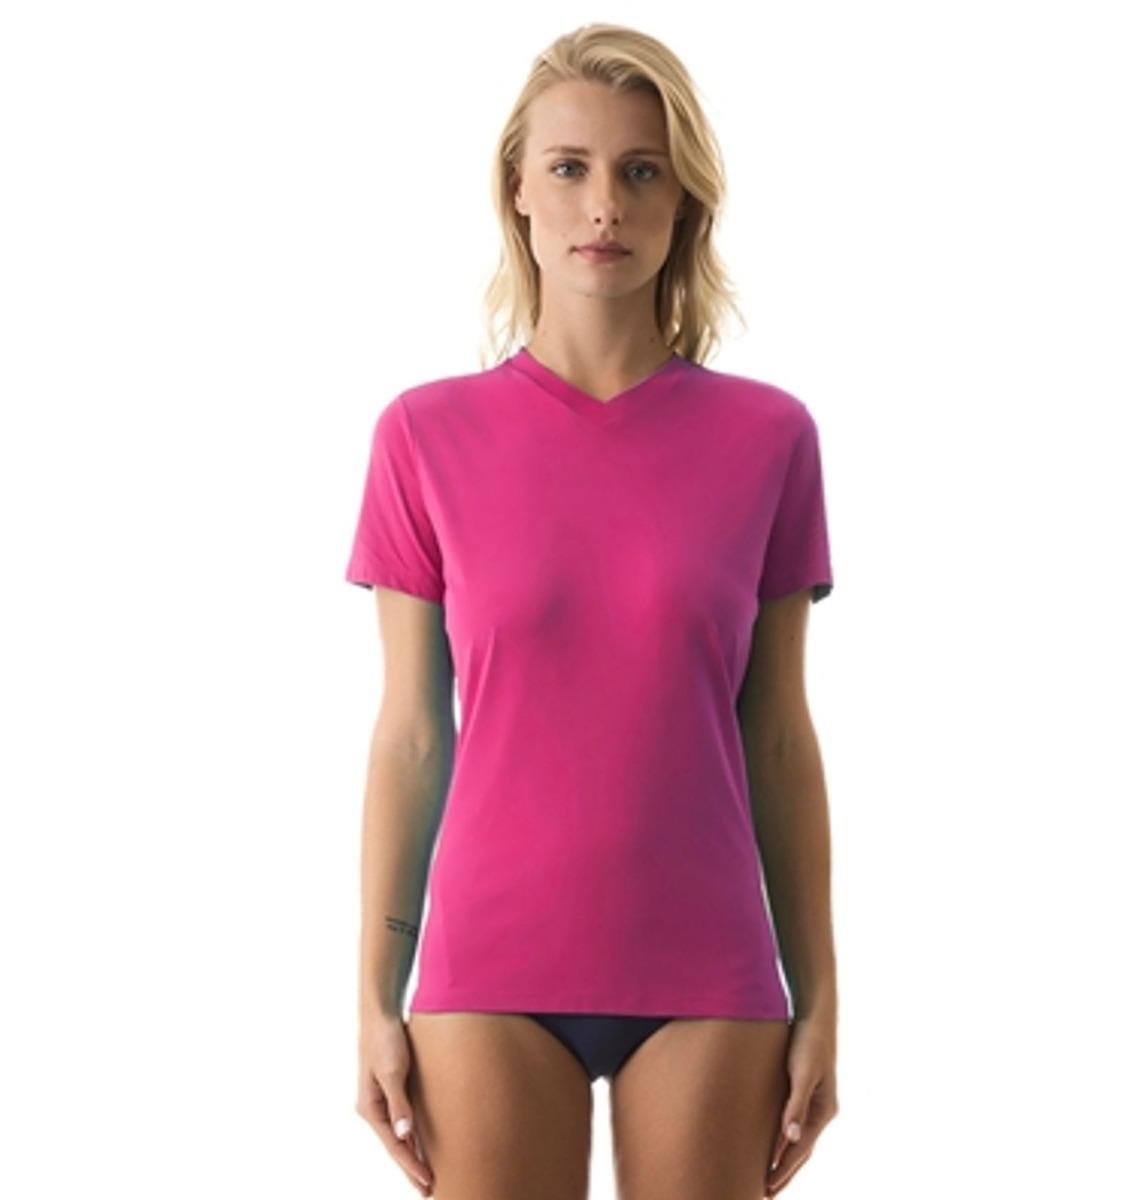 uvline camiseta sport fit mc feminino magenta proteção solar. Carregando  zoom. f2846715aeb